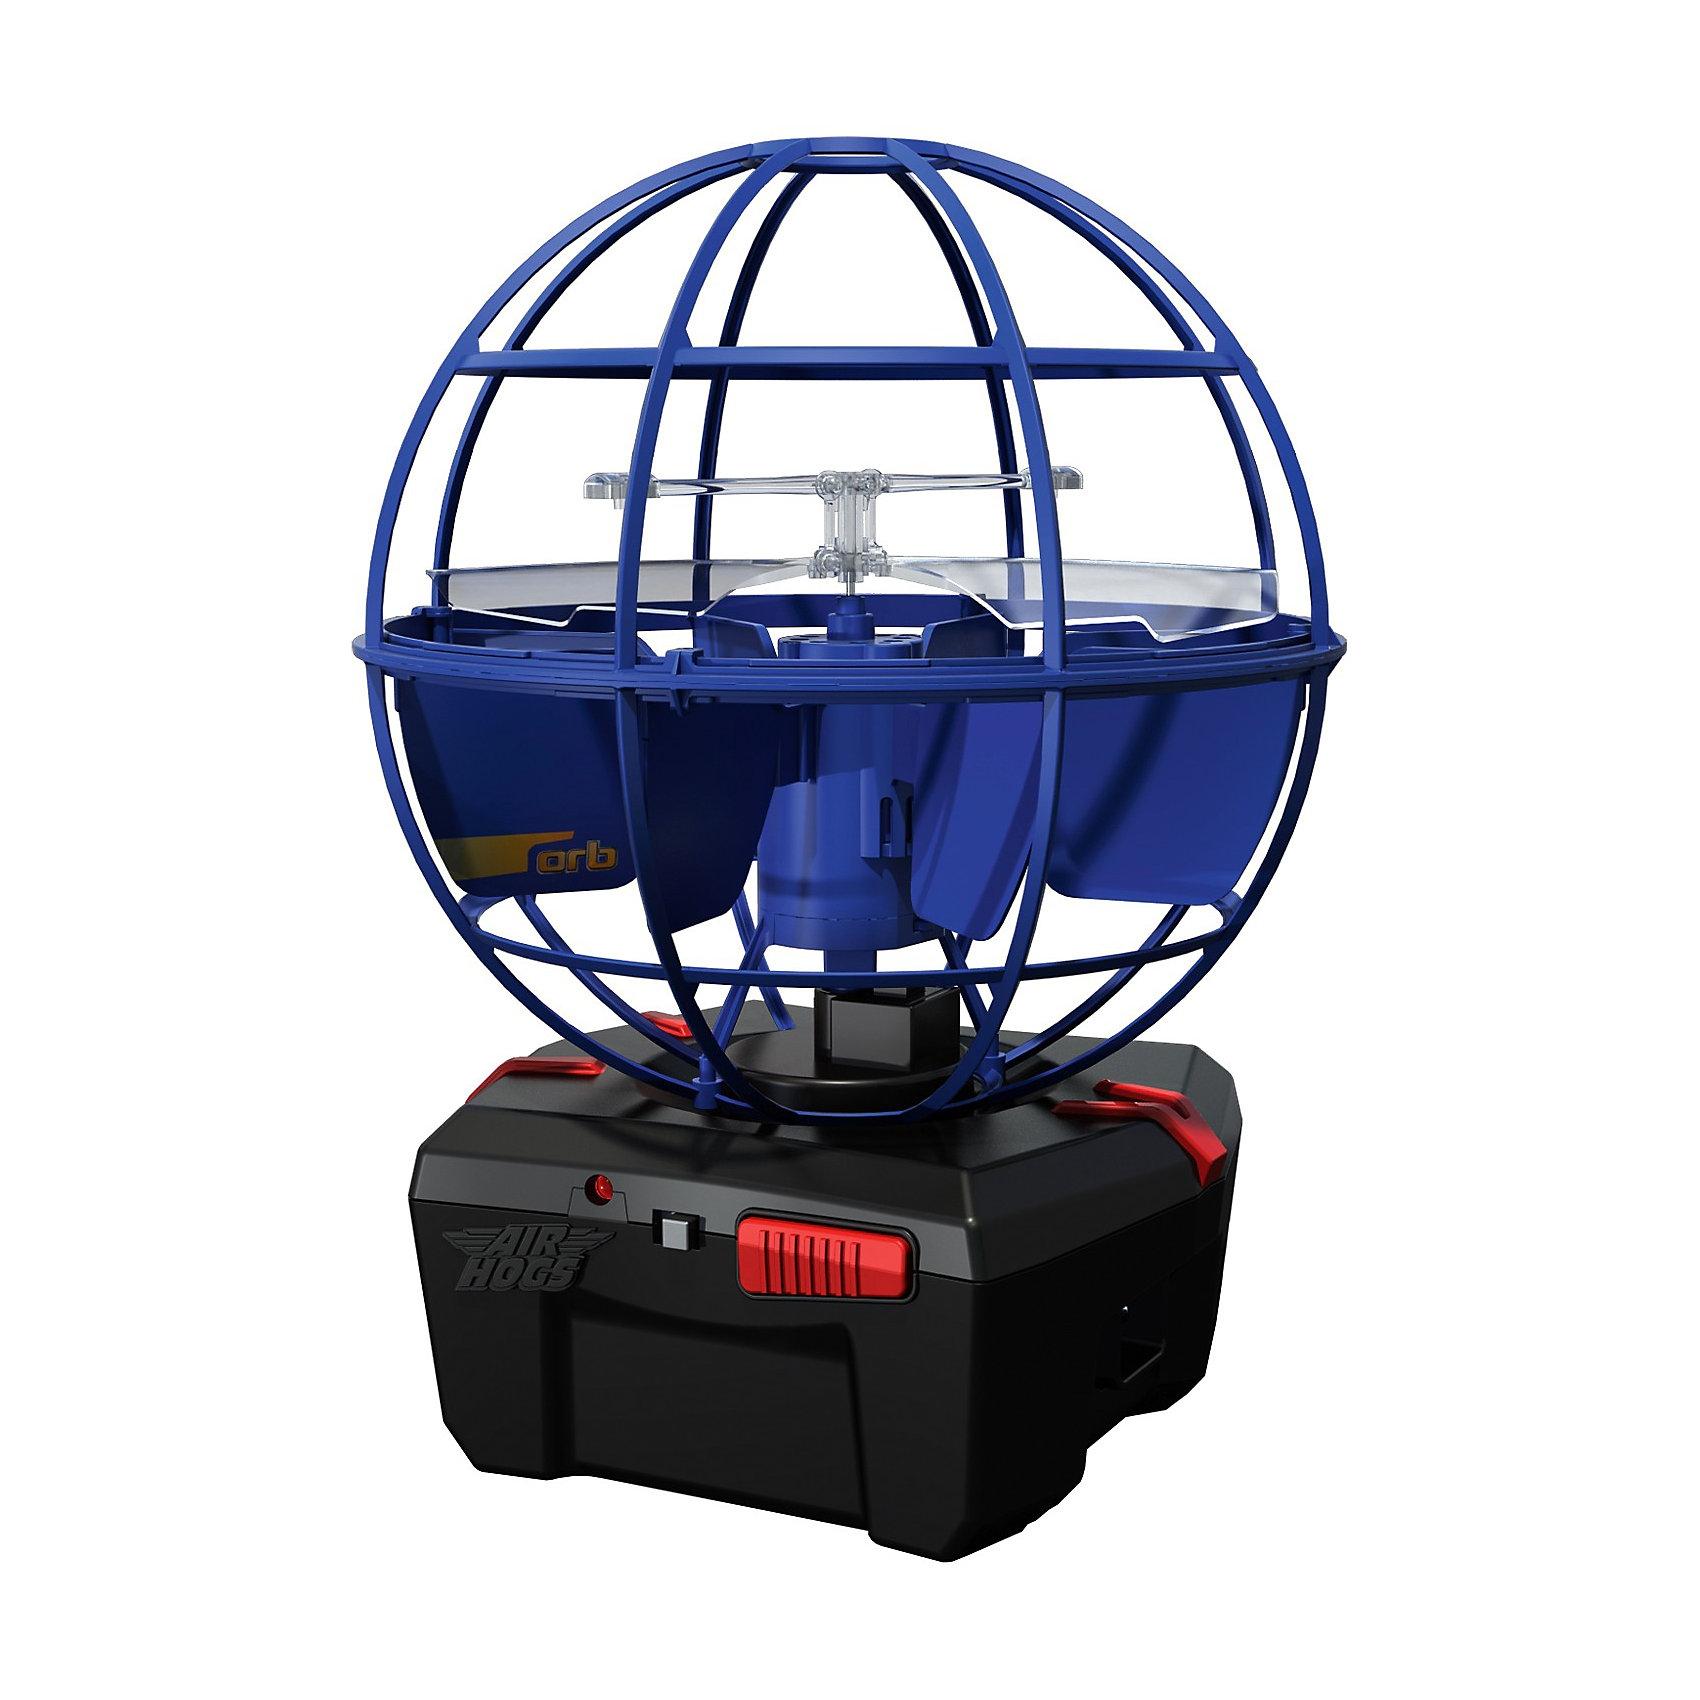 Игрушка НЛО Летающий шар, в ассортименте, AIR HOGSИгрушка НЛО Летающий шар, AIR HOGS - необычная игрушка, которая светится во время полета и может управляться при помощи рук, без пульта дистанционного управления (игроку необходимо лишь поднести ладонь к основанию летающего шара AIR HOGS НЛО).<br><br>У игрушки AIR HOGS НЛО есть сенсорные датчики, которые позволяют ей облетать препятствия, не задевая их, а также зависать в воздухе.<br>Игрушка шар летающий AIR HOGS НЛО может быть использована одним игроком или же с ней могут играть два игрока, перекидывая ее друг другу.<br>Летающий шар AIR HOGS НЛО может летать на определенном расстоянии от поверхности. Ребенок может самостоятельно регулировать высоту полета при помощи ладошек.<br><br>Как играть:<br>1) Включите игрушку (кнопка ON)<br>2) Установите игрушку на ровную поверхность (или пол), не берите сразу в руки. Игрушка начнет подниматься вверх/вниз, и через несколько секунд она начнет летать более сбалансированно.<br>3) Игра руками: НЛО зависает над вашей вытянутой рукой.<br>4) Перекидывание: возьмите тарелку за антенну и легонько перекиньте напарнику под углом 10-30 градусов.<br>5) После окончания игры нажмите кнопку Off-<br><br>Дополнительная информация:<br><br>- Диаметр игрушки: 14 см.<br>- Материал: ударопрочный пластик, встроенные сенсорные датчики.<br>- Игрушка светится во время полета.<br>- Для работы необходимы 6 батареек х АА (в наборе нет).<br><br>Внимание! Данный товар представлен в ассортименте, к сожалению, выбрать заранее определенный вид не представляется возможным. При заказе 2-х возможно получение одинаковых.<br><br>Игрушку НЛО Летающий шар, AIR HOGS можно купить в нашем интернет-магазине.<br><br>Ширина мм: 300<br>Глубина мм: 230<br>Высота мм: 130<br>Вес г: 419<br>Возраст от месяцев: 96<br>Возраст до месяцев: 156<br>Пол: Мужской<br>Возраст: Детский<br>SKU: 3218667